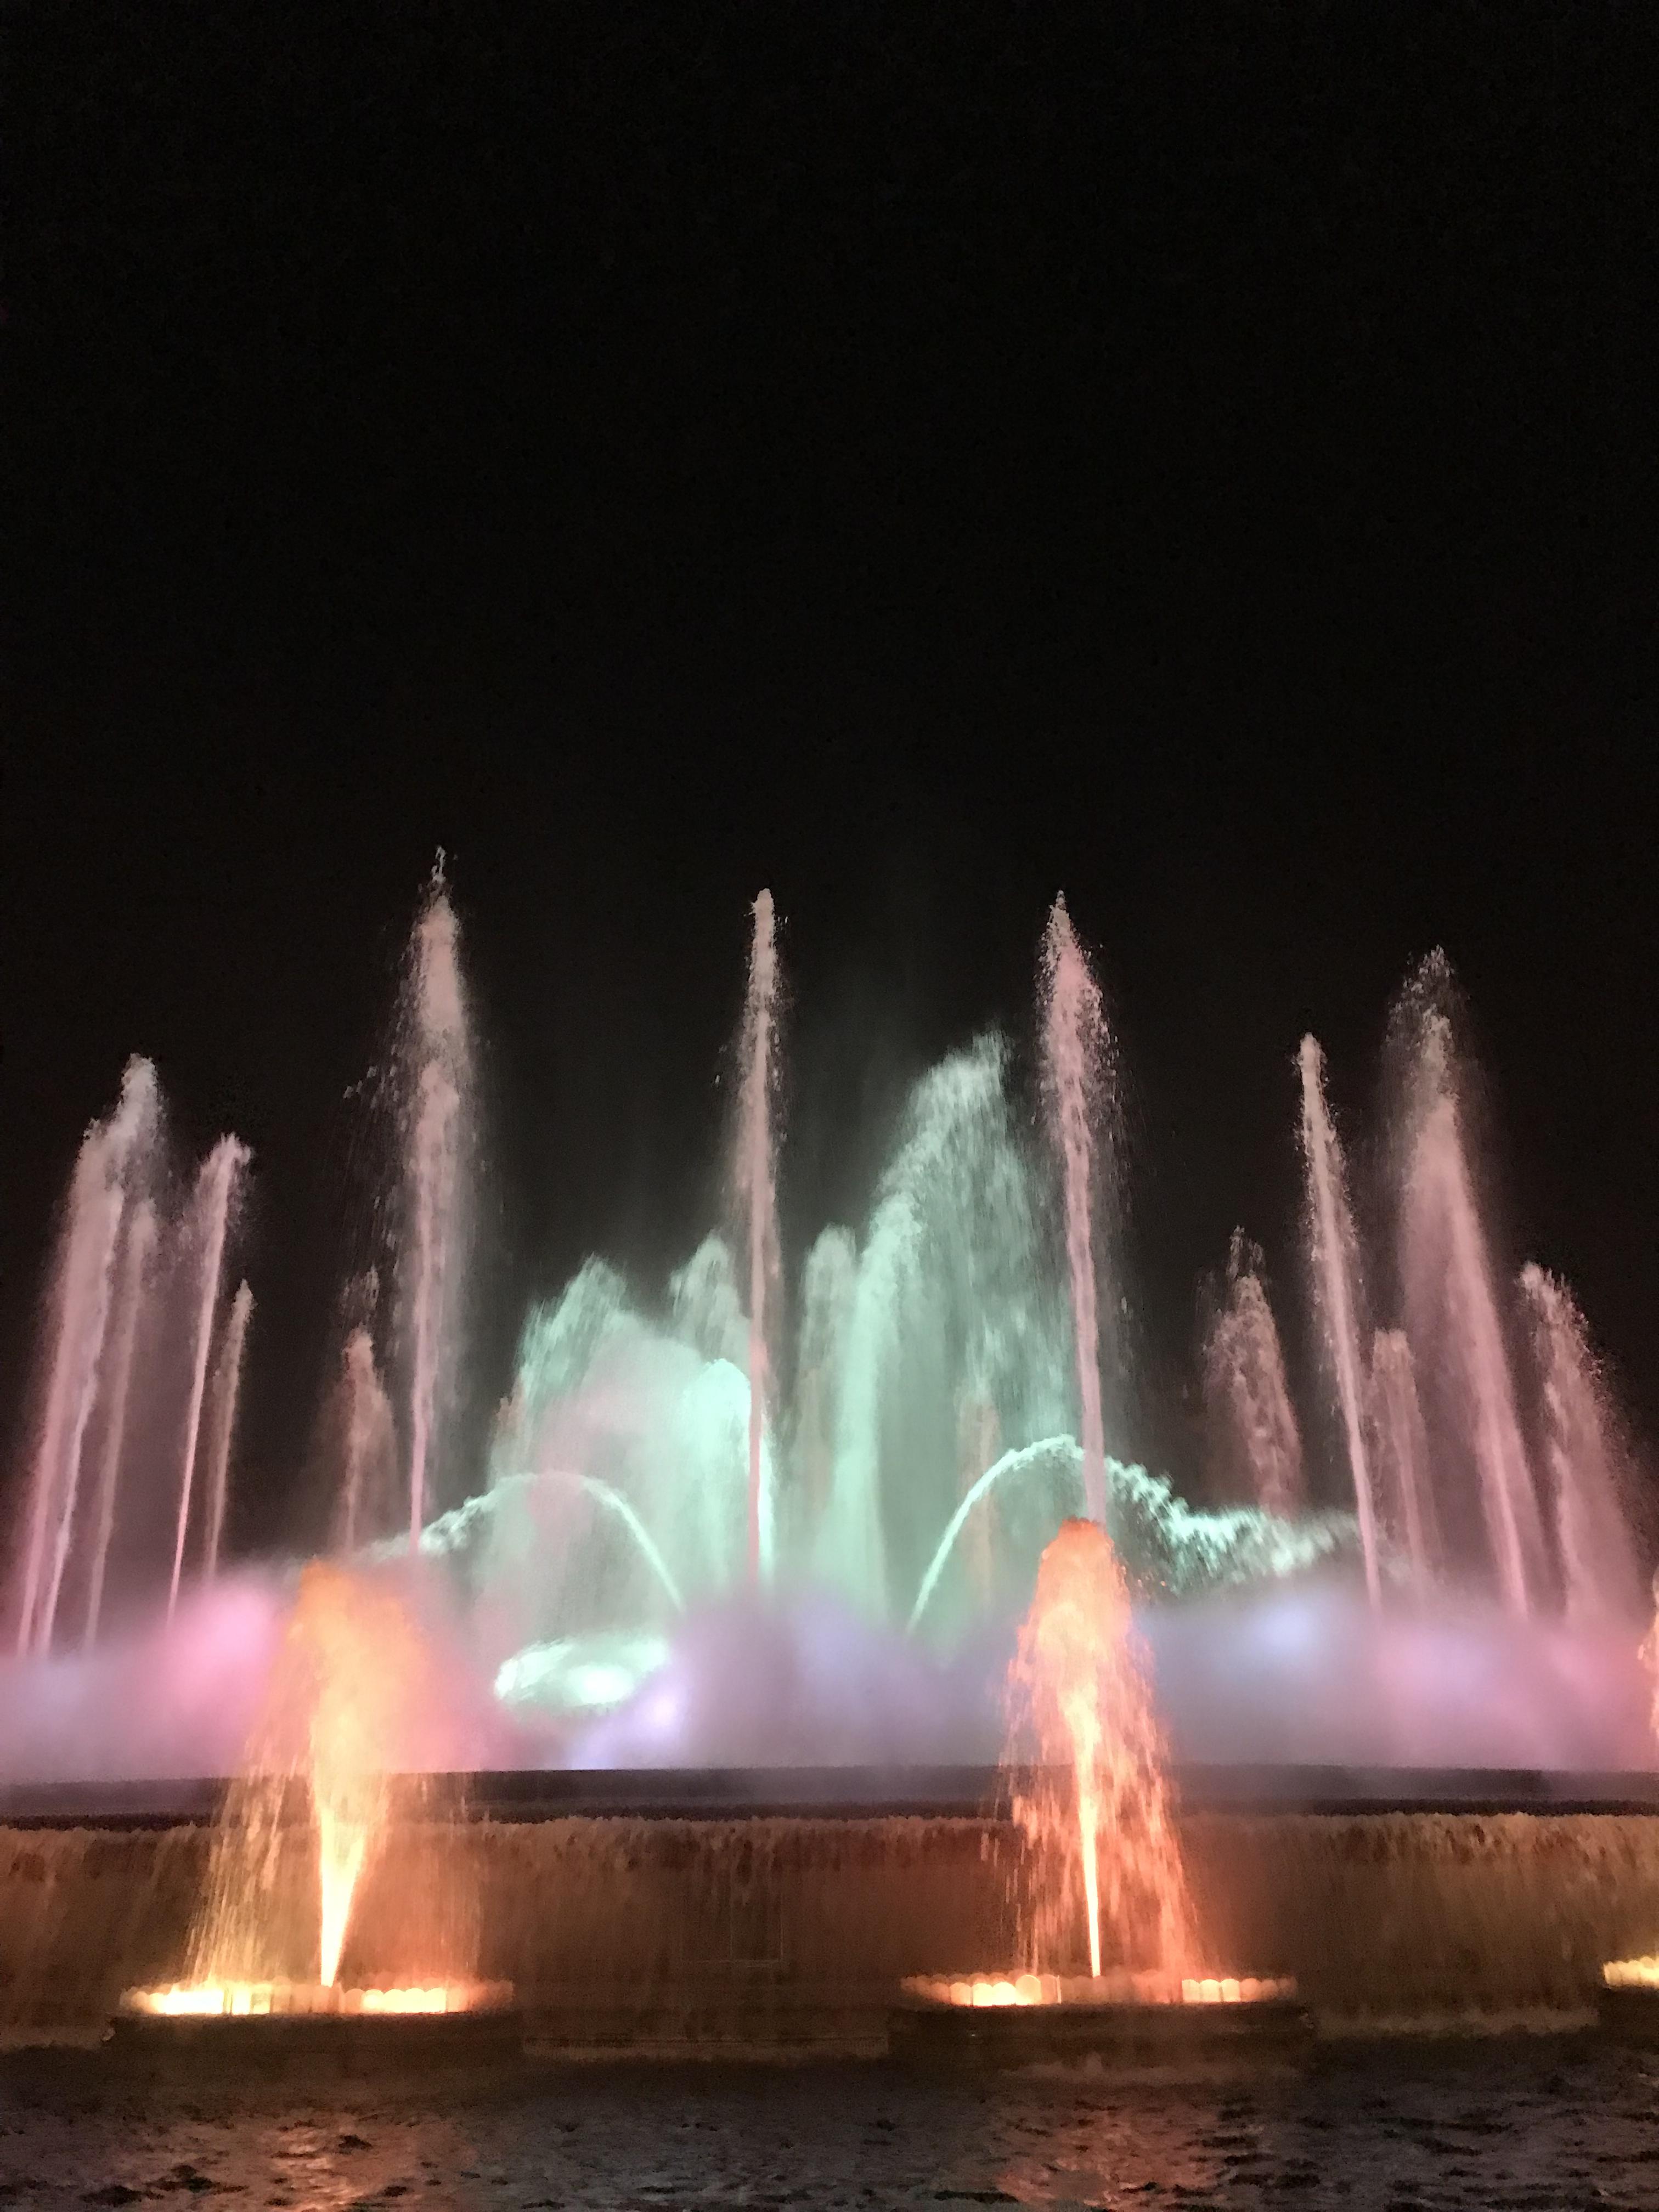 バルセロナ観光5日目 ミロ美術館 デパート(エル・コルテ・イングス)でランチ 夜は噴水ショー